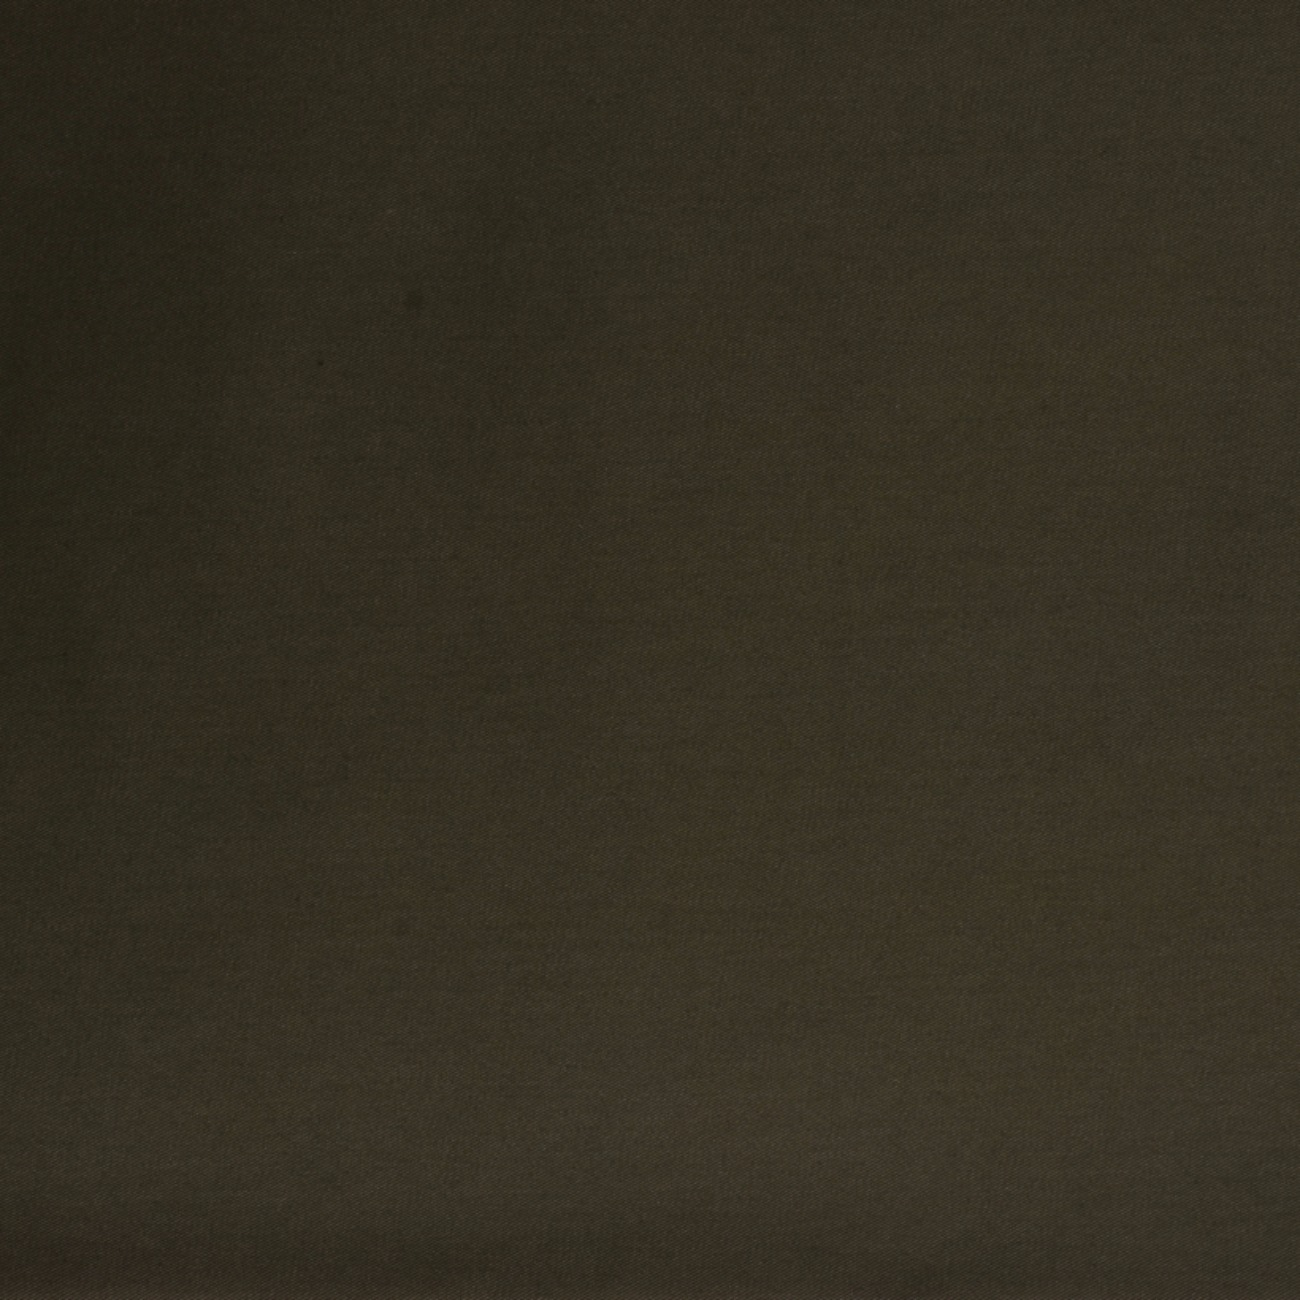 期货 素色 斜纹 无弹 外套 连衣裙 柔软 春秋 风衣 61219-75